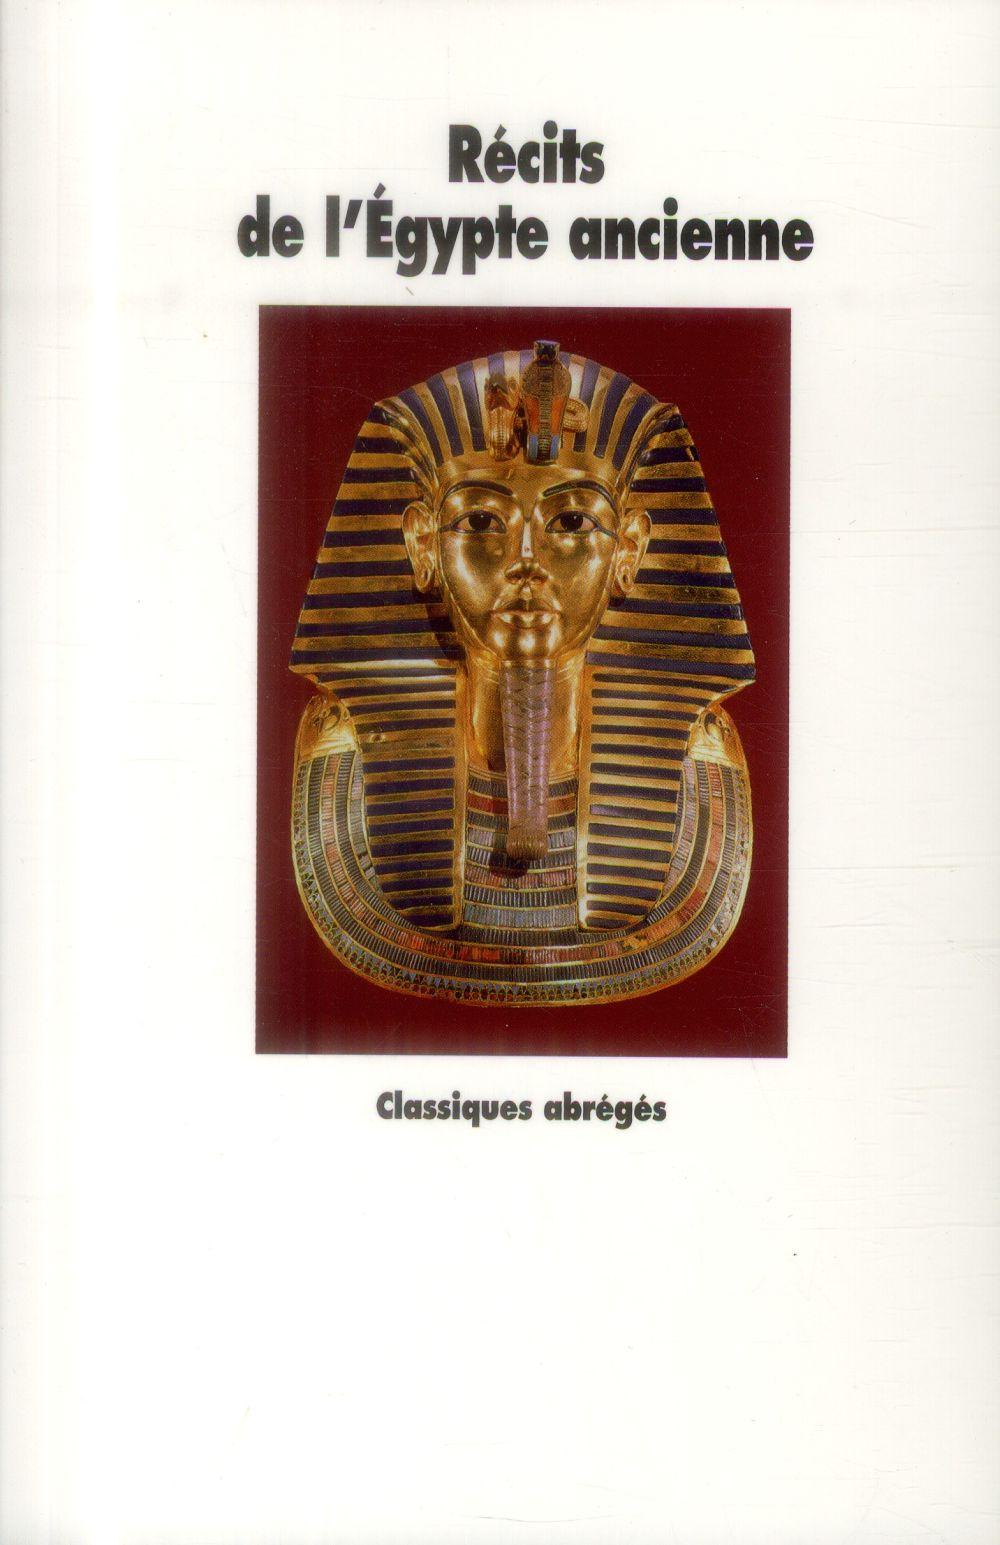 Récits de l'Egypte ancienne